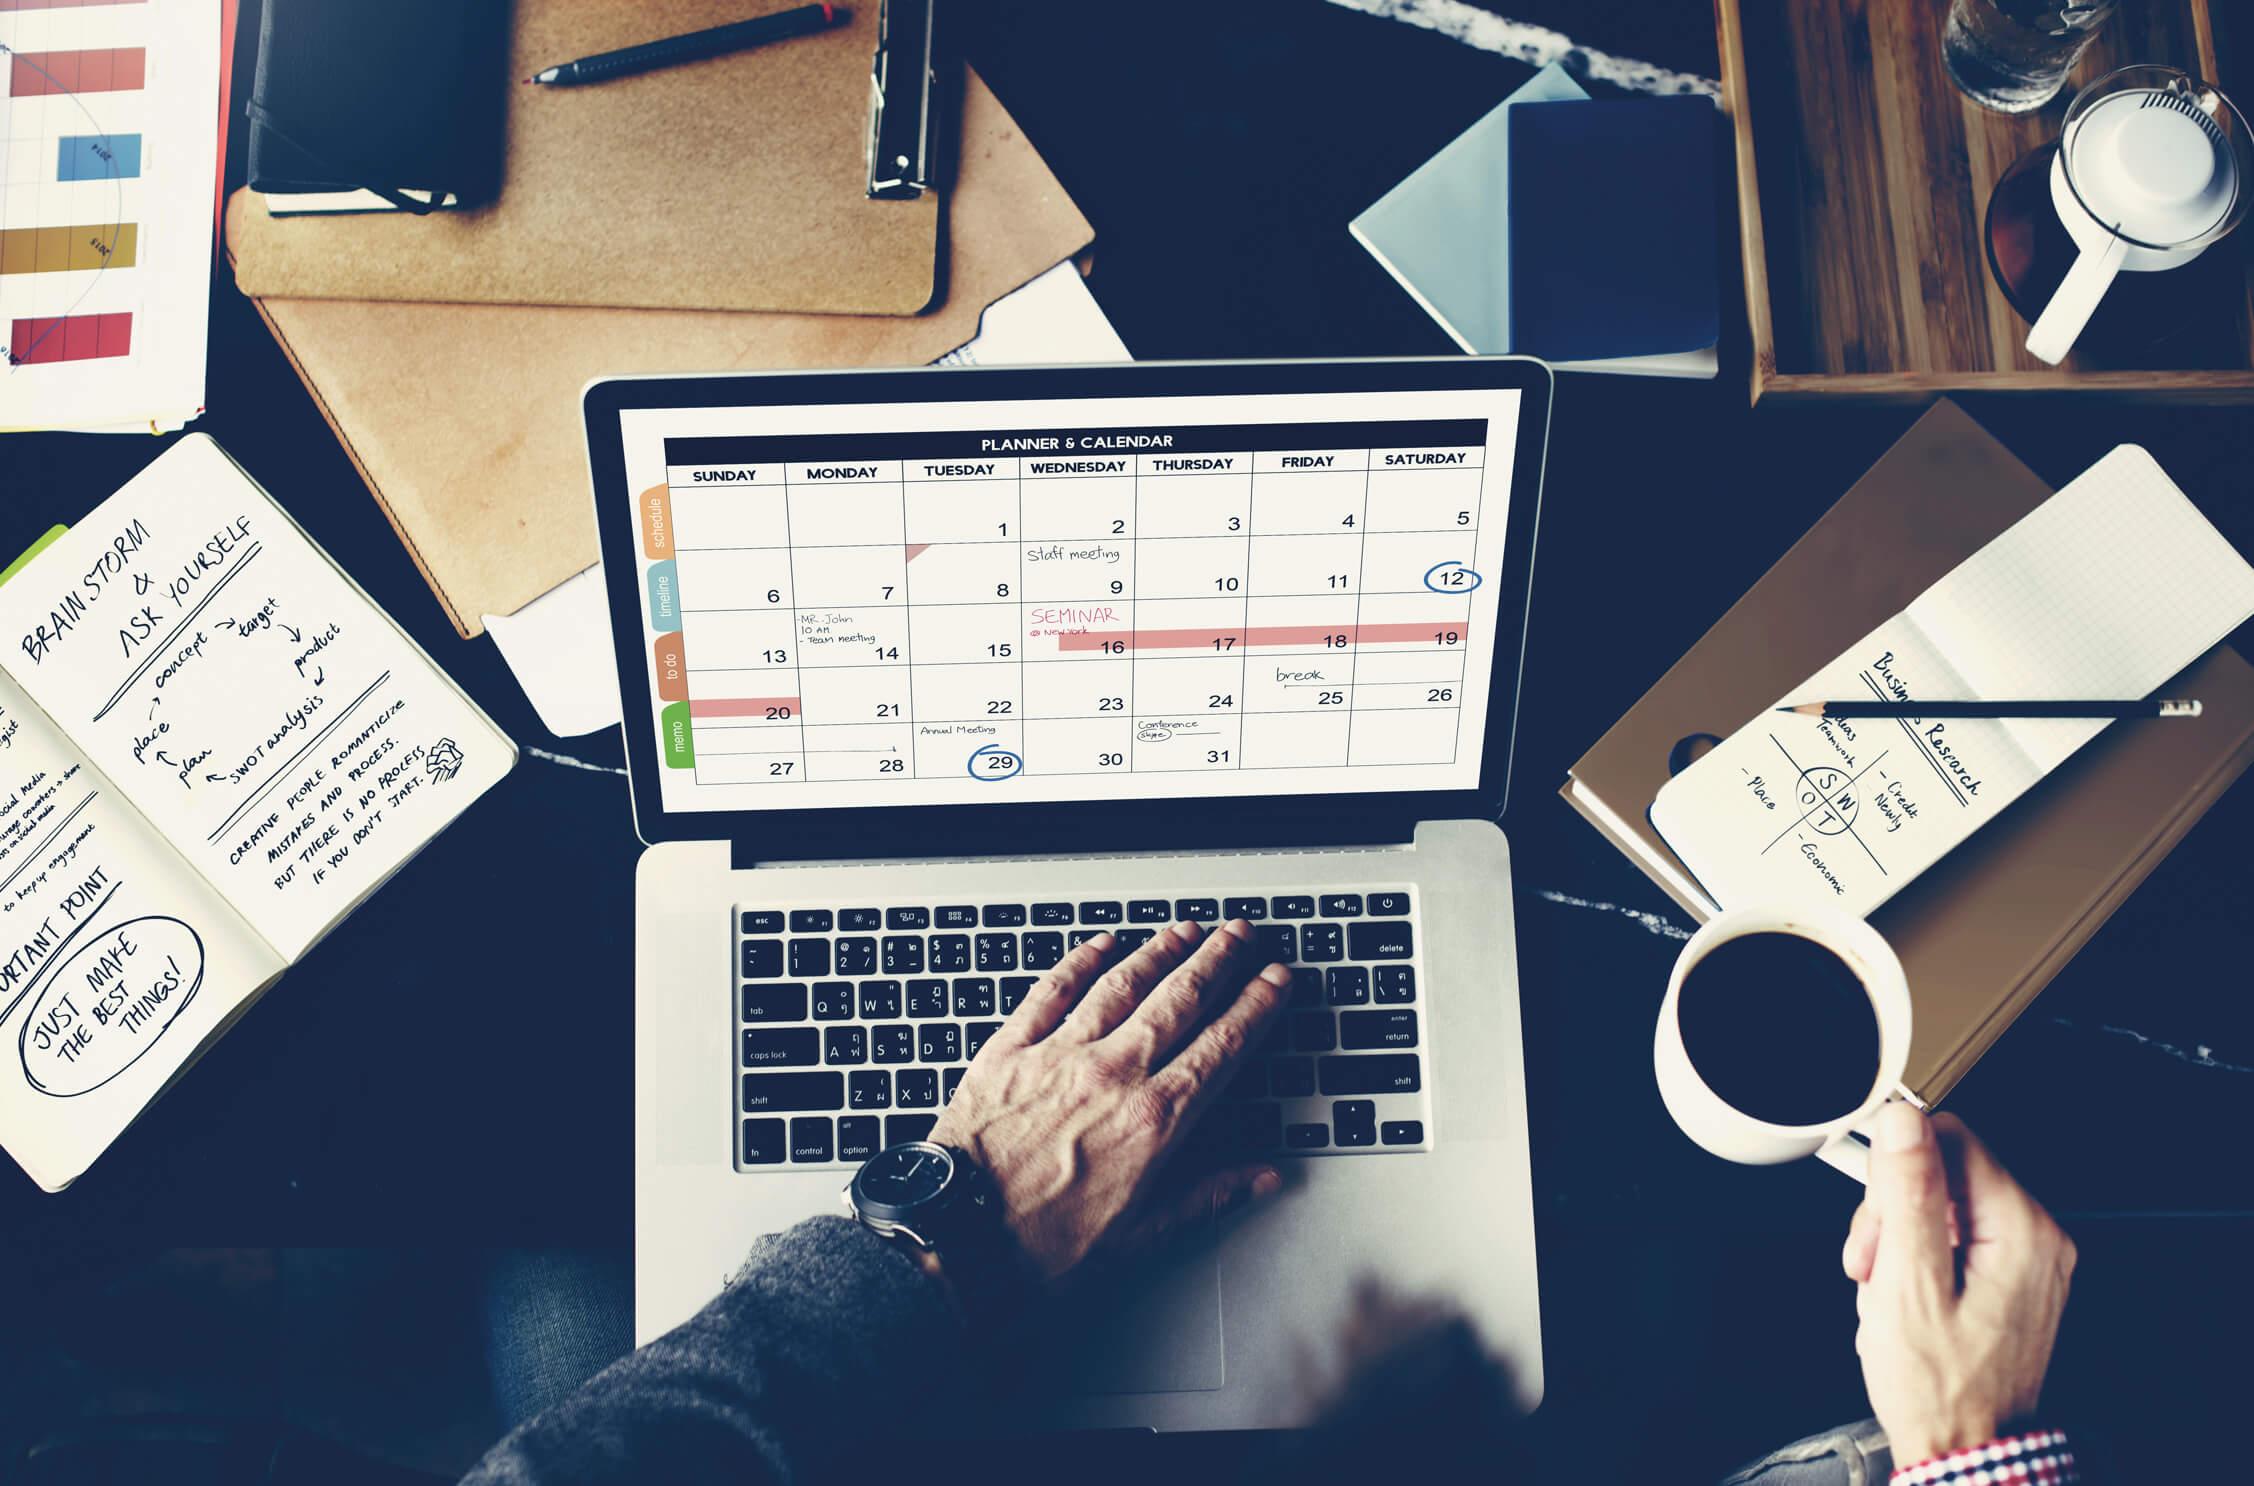 imagen para blog de un ordenador con un calendario y los días de la semana y fechas en inglés_blog imagen